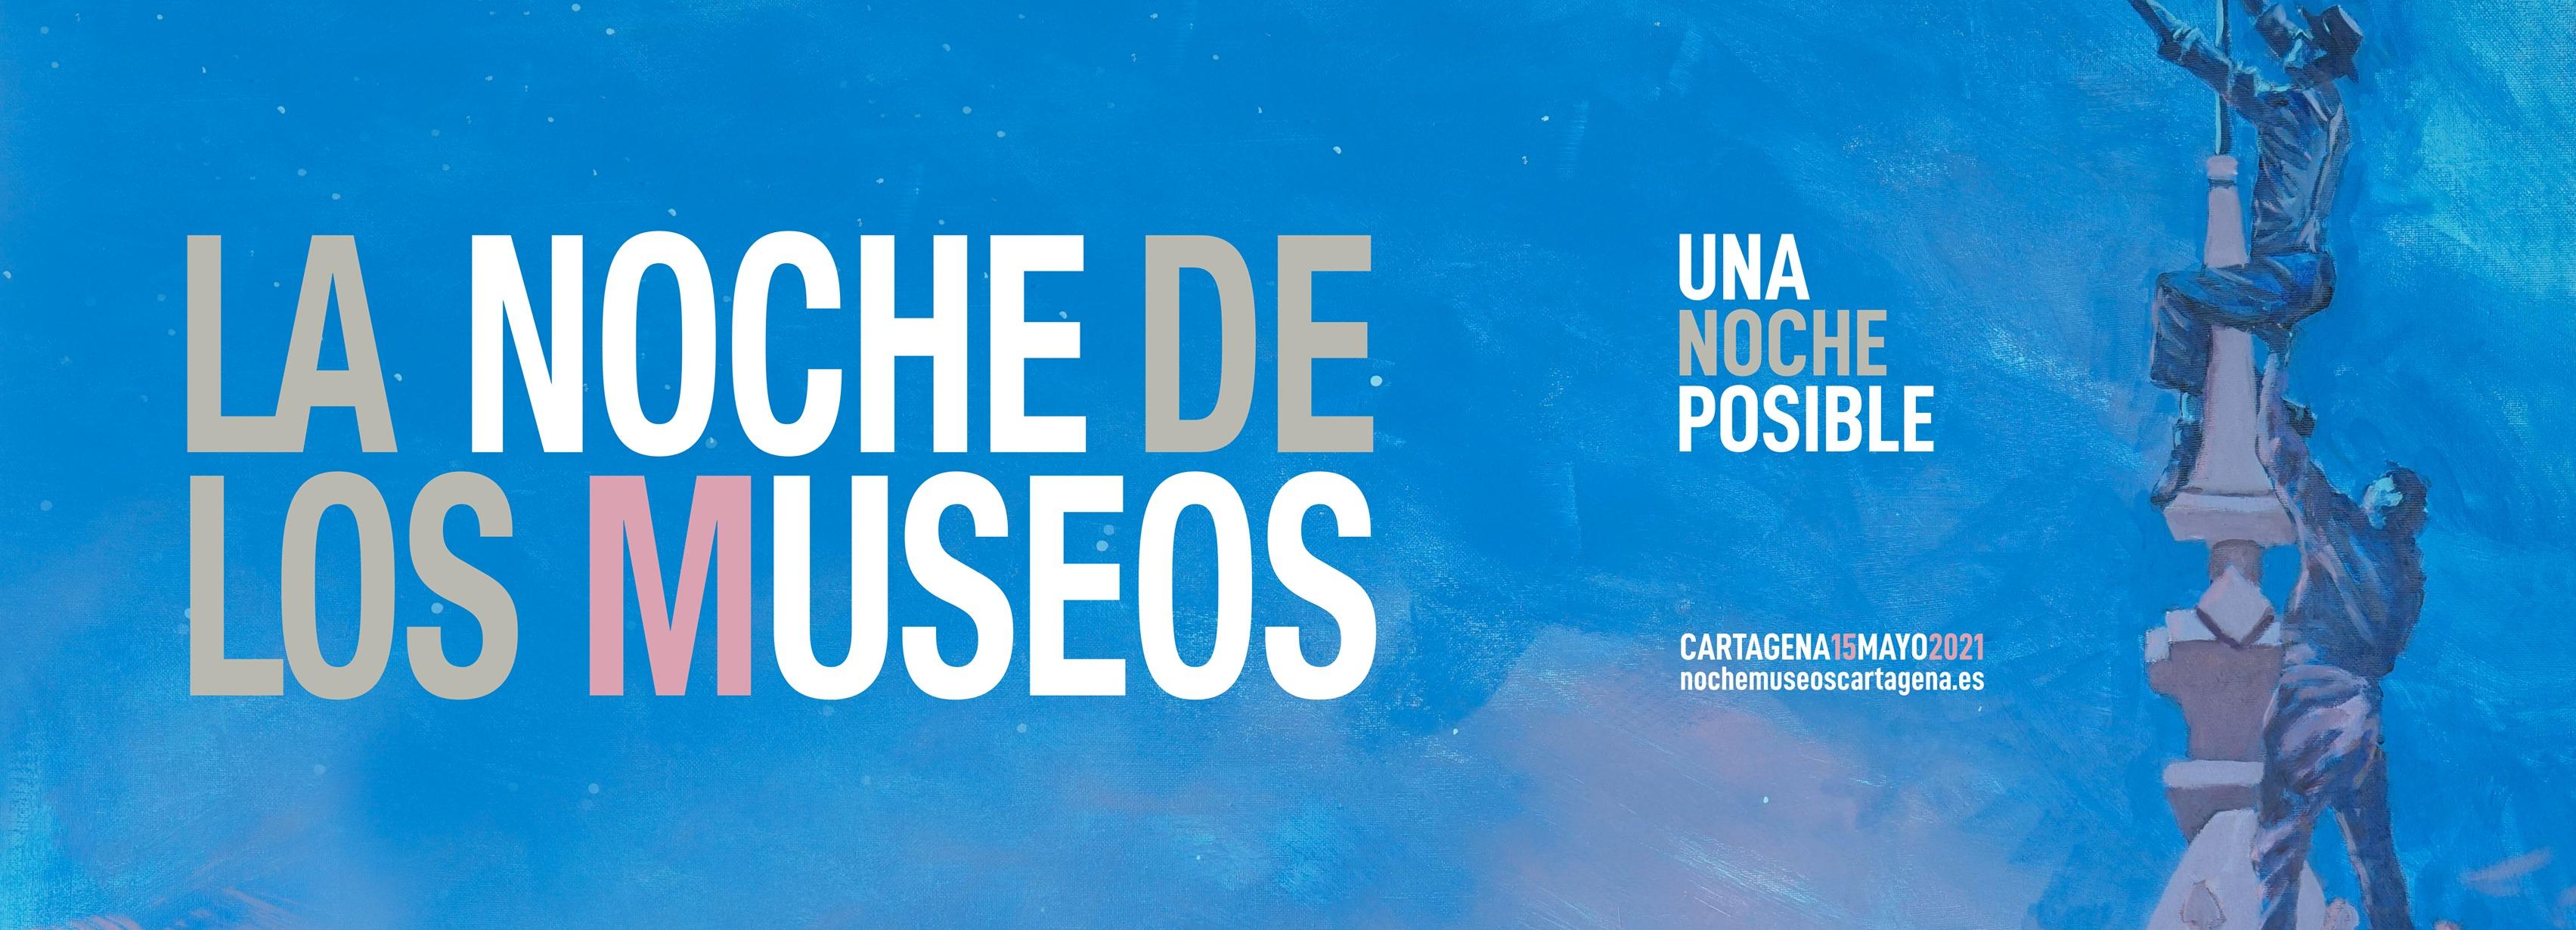 la-noche-de-los-museos-cartagena.jpg